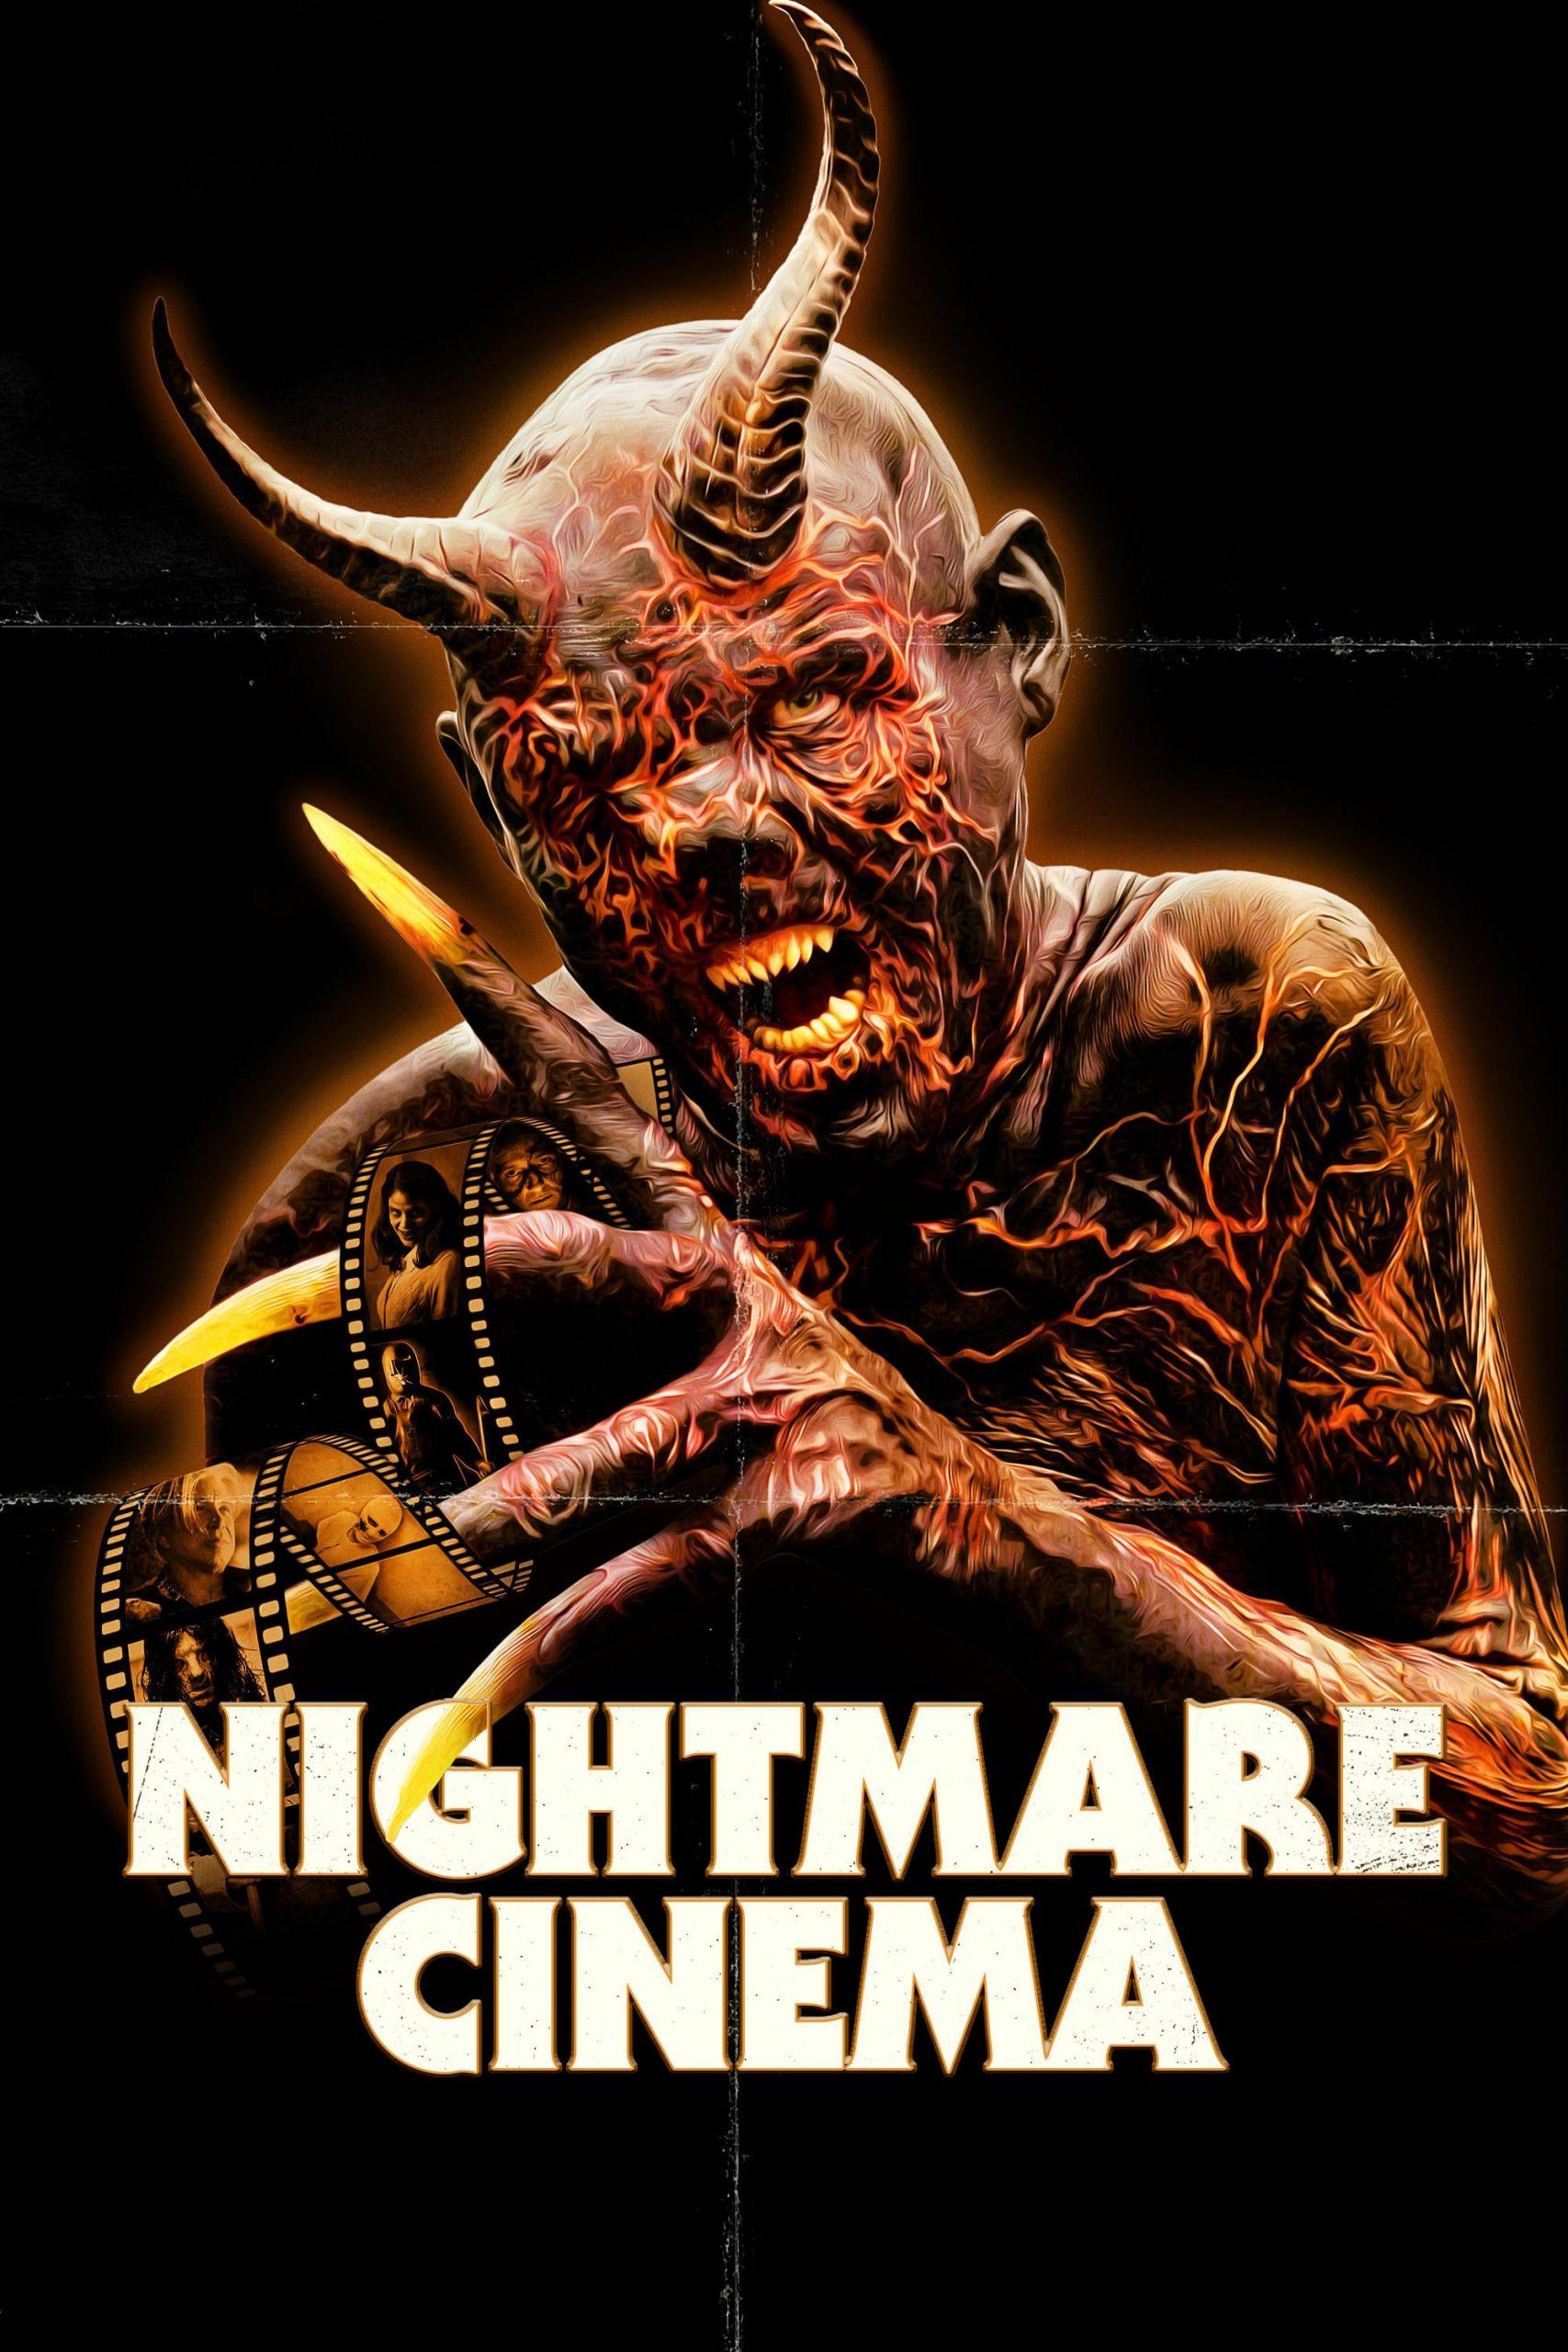 دانلود فیلم Nightmare Cinema 2018